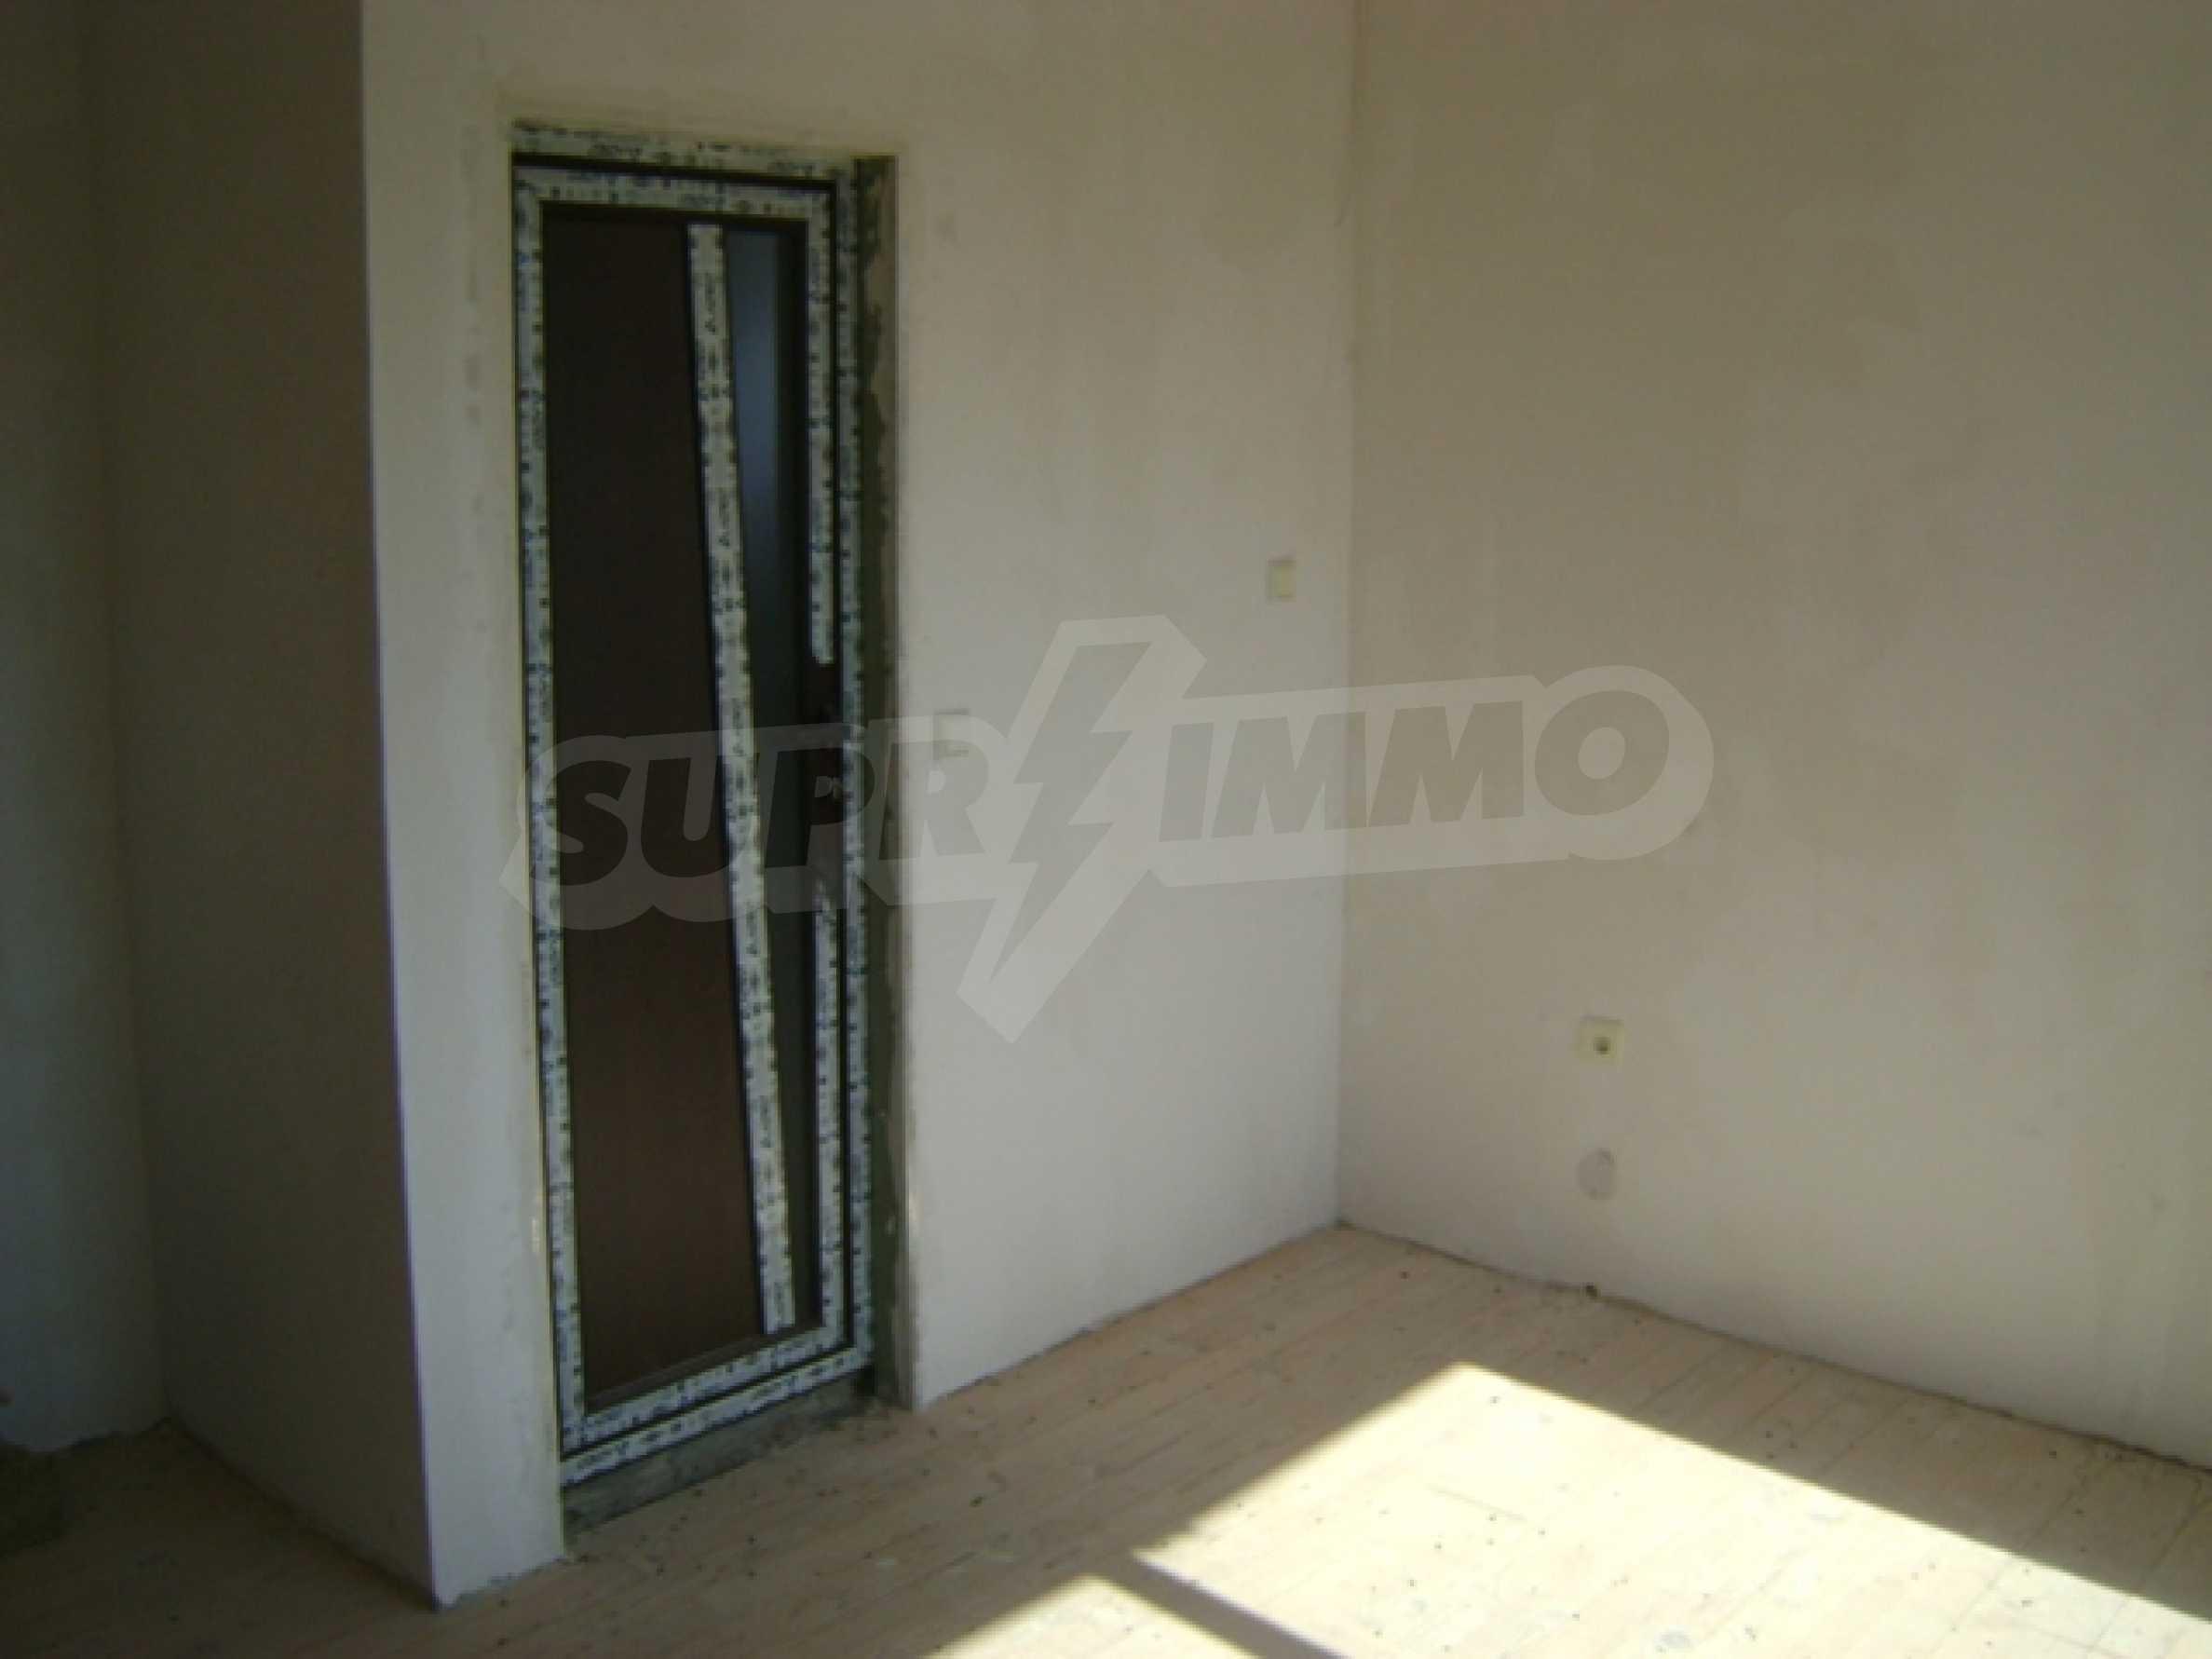 Neues Haus im Dorf Vetrino 13